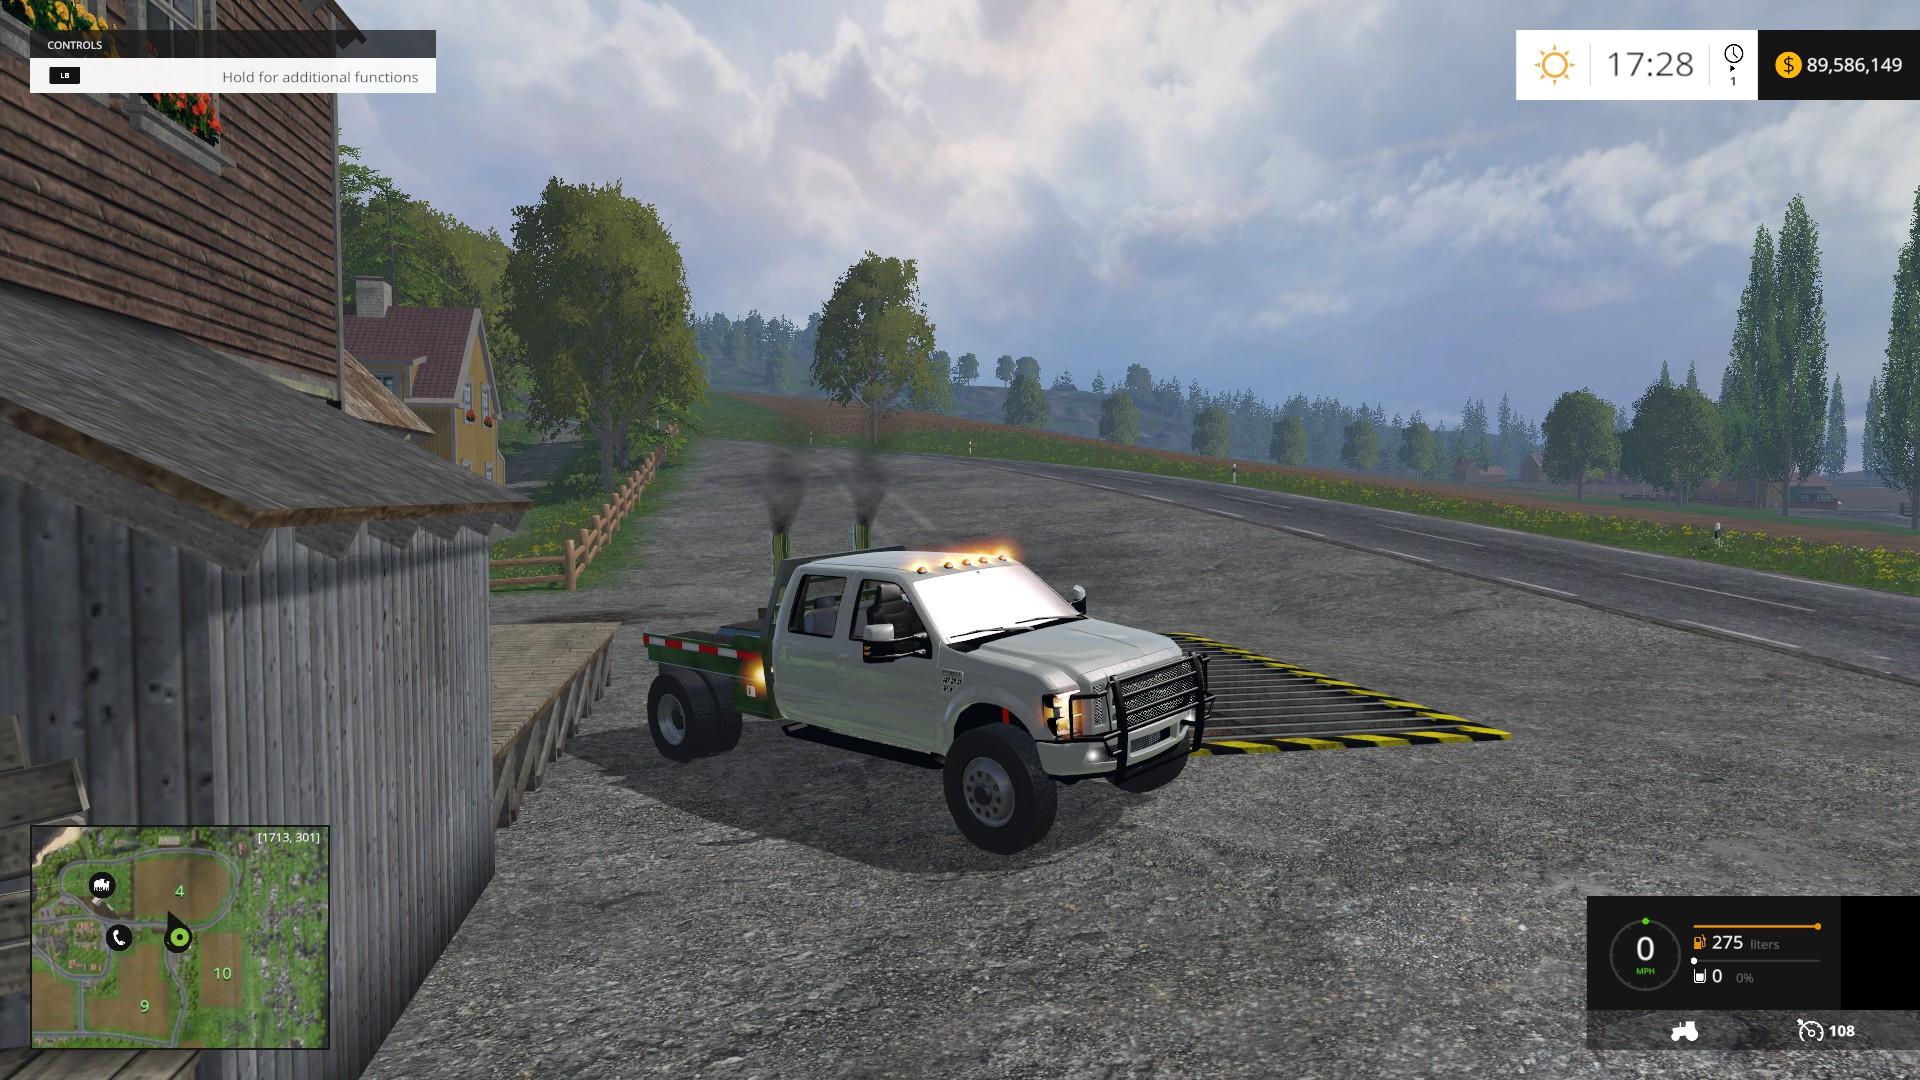 F350 Ford Diesel Street Dually Mod - Farming simulator 2019